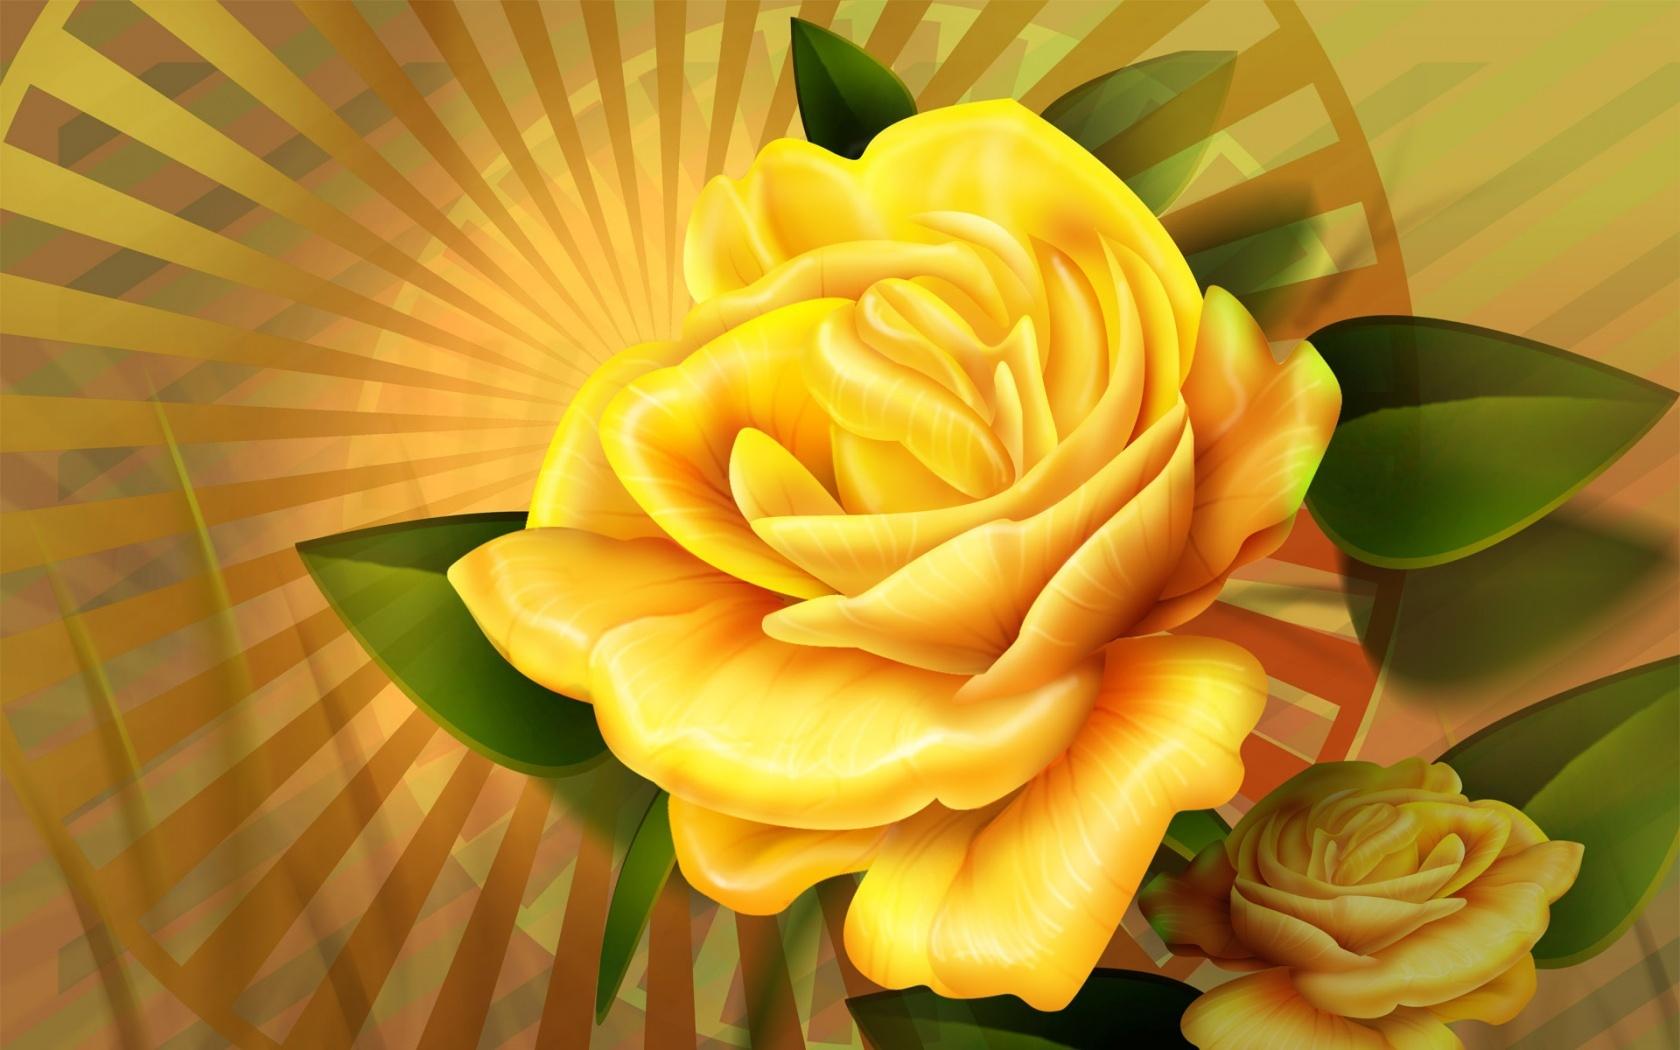 Красивые анимационные картинки цветов, картинки